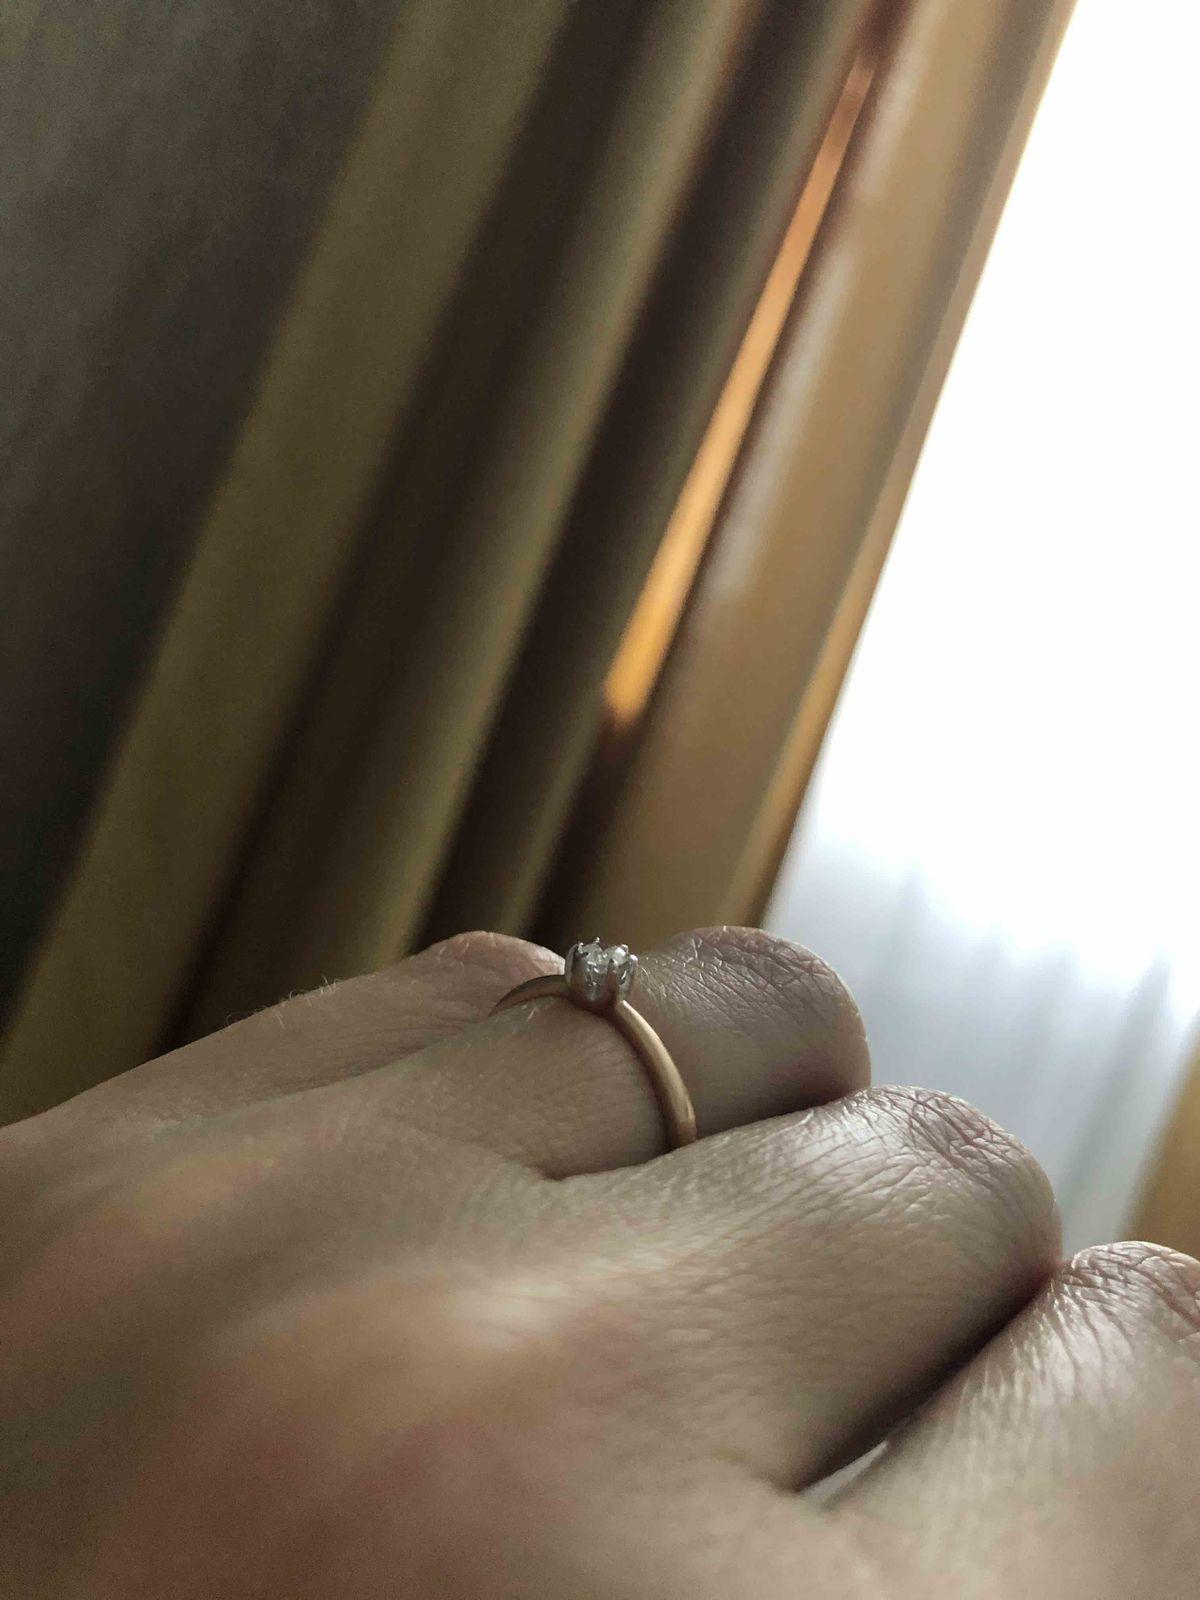 Муж сделал подарок на 8 марта. колечко очень красивое, нежное, я очень рада